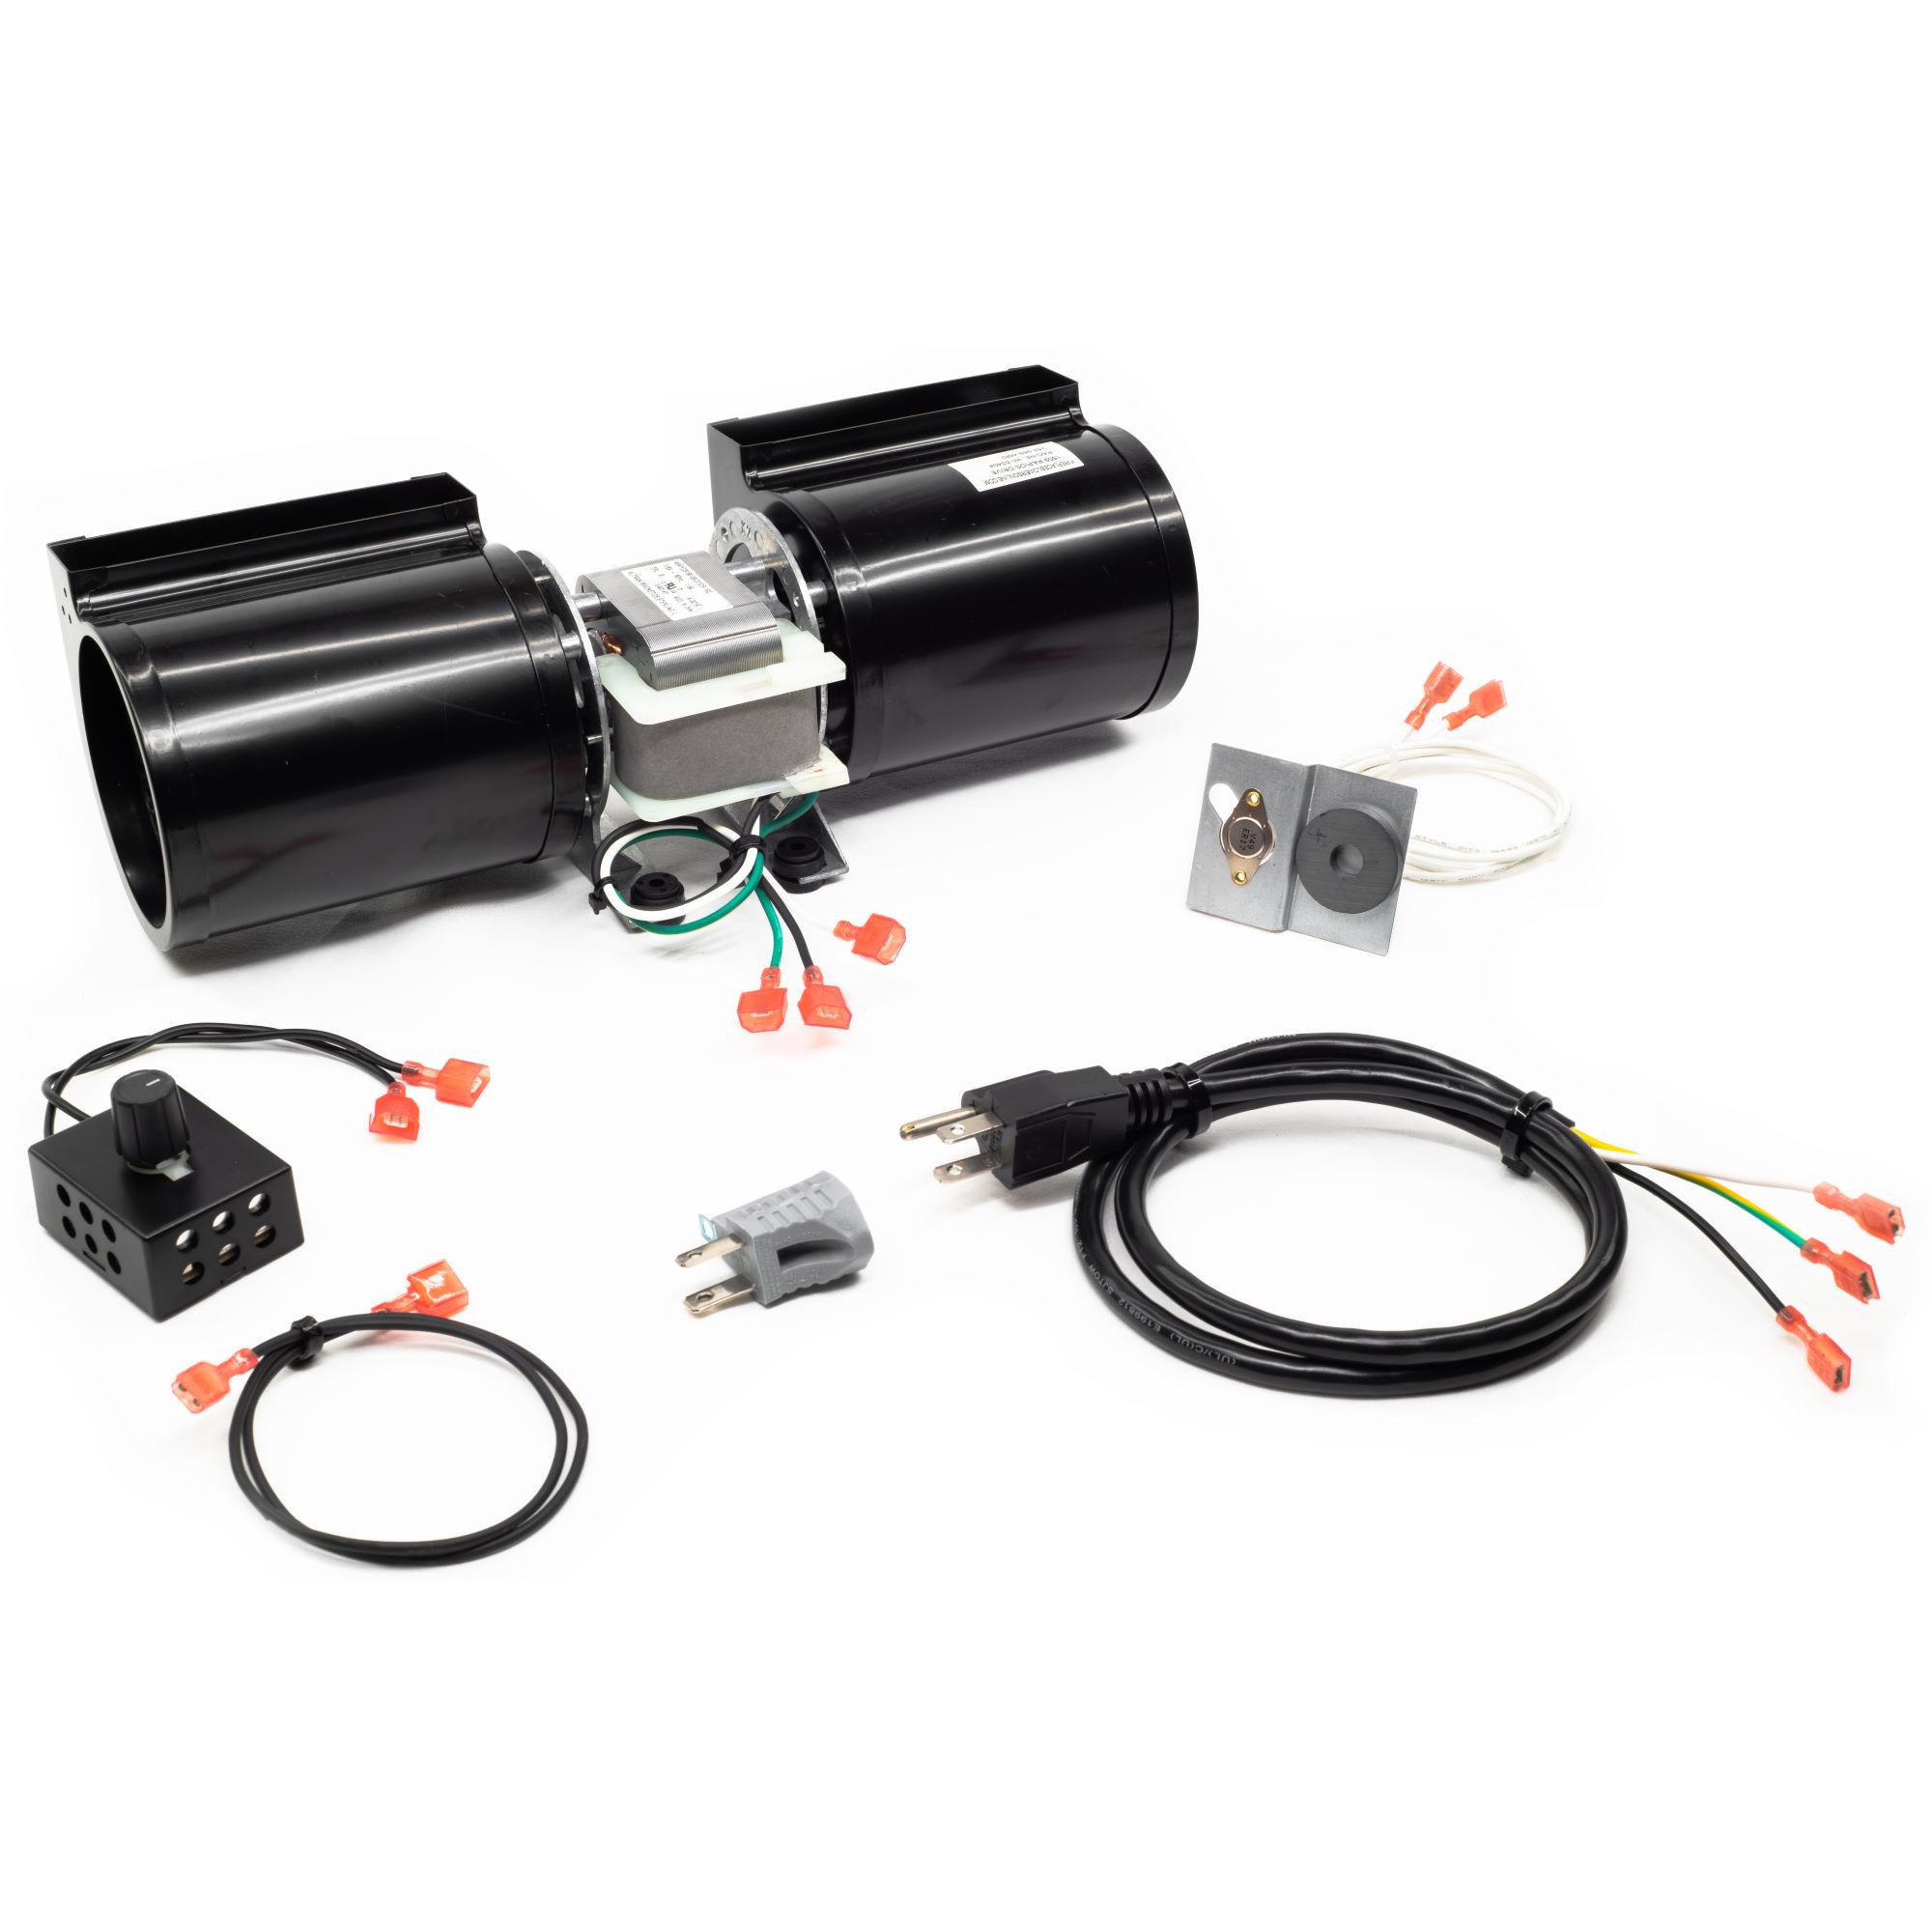 GFK-160A Fireplace Blower Fan Kit for GTI, Heatilator, Heat & Glo and Quadra-Fire Fireplaces